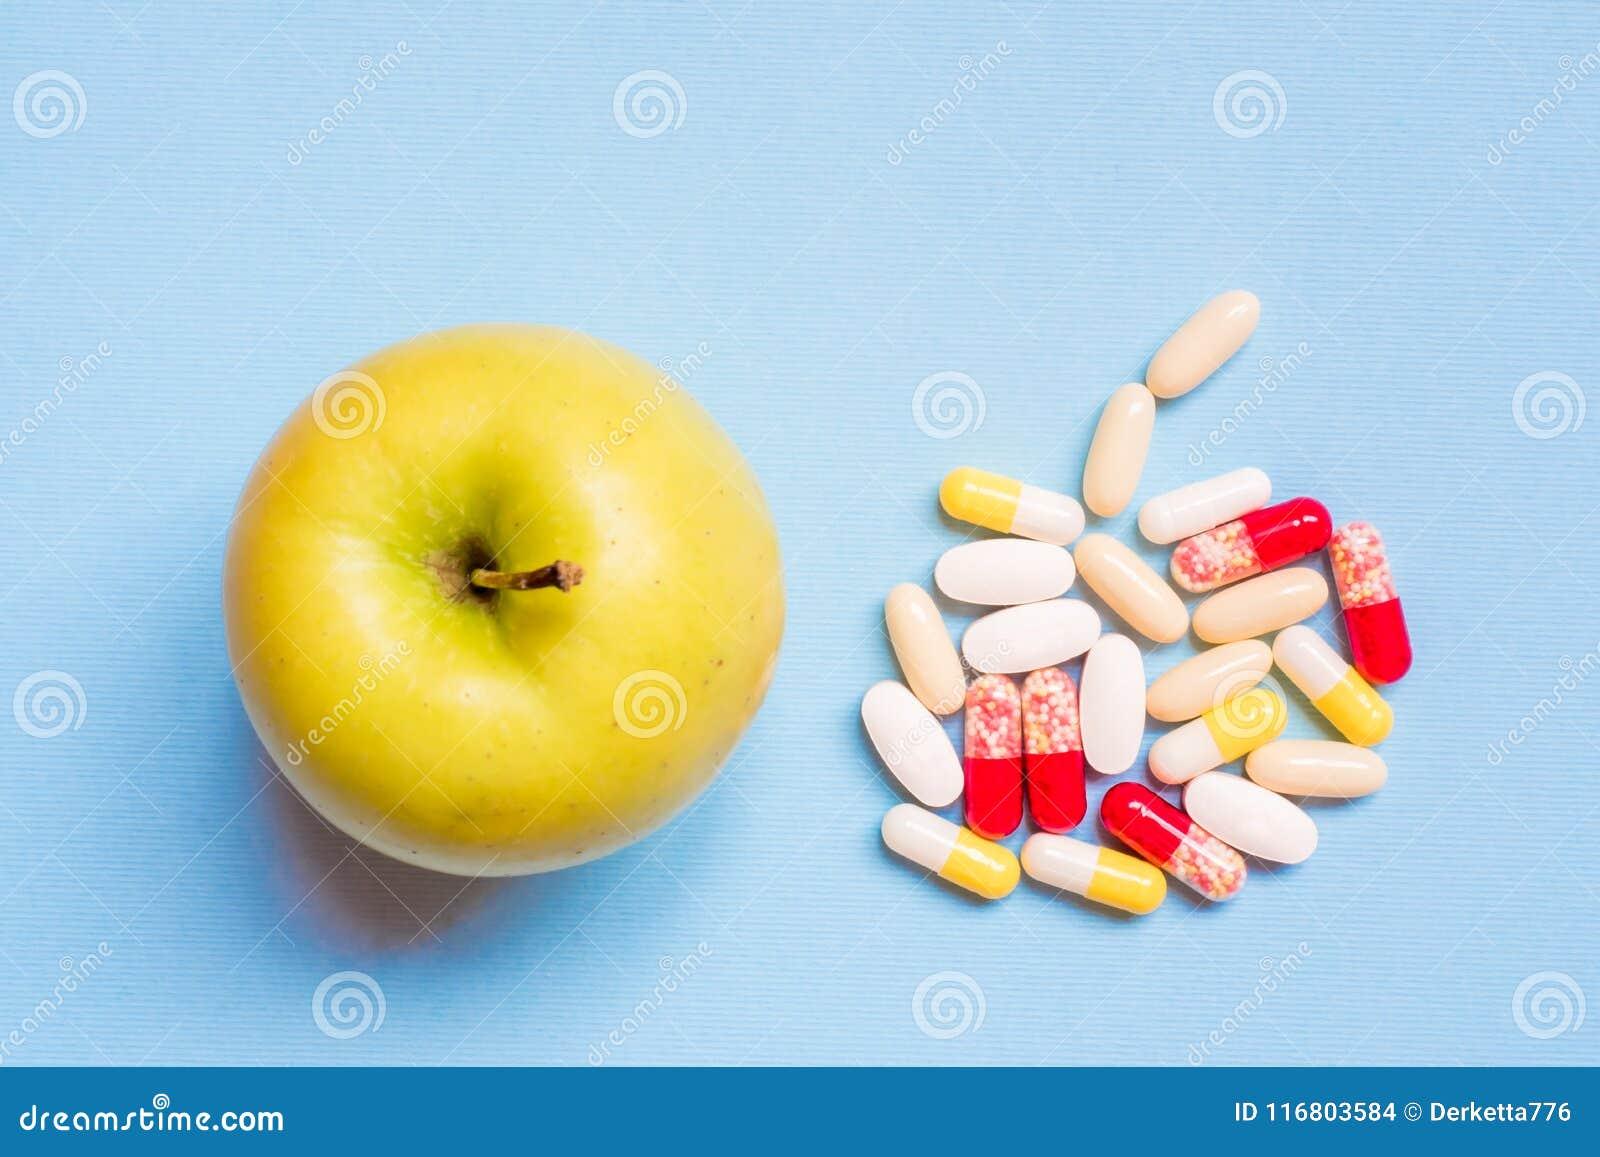 Pillole farmaceutiche differenti e Apple verde fresco su fondo blu